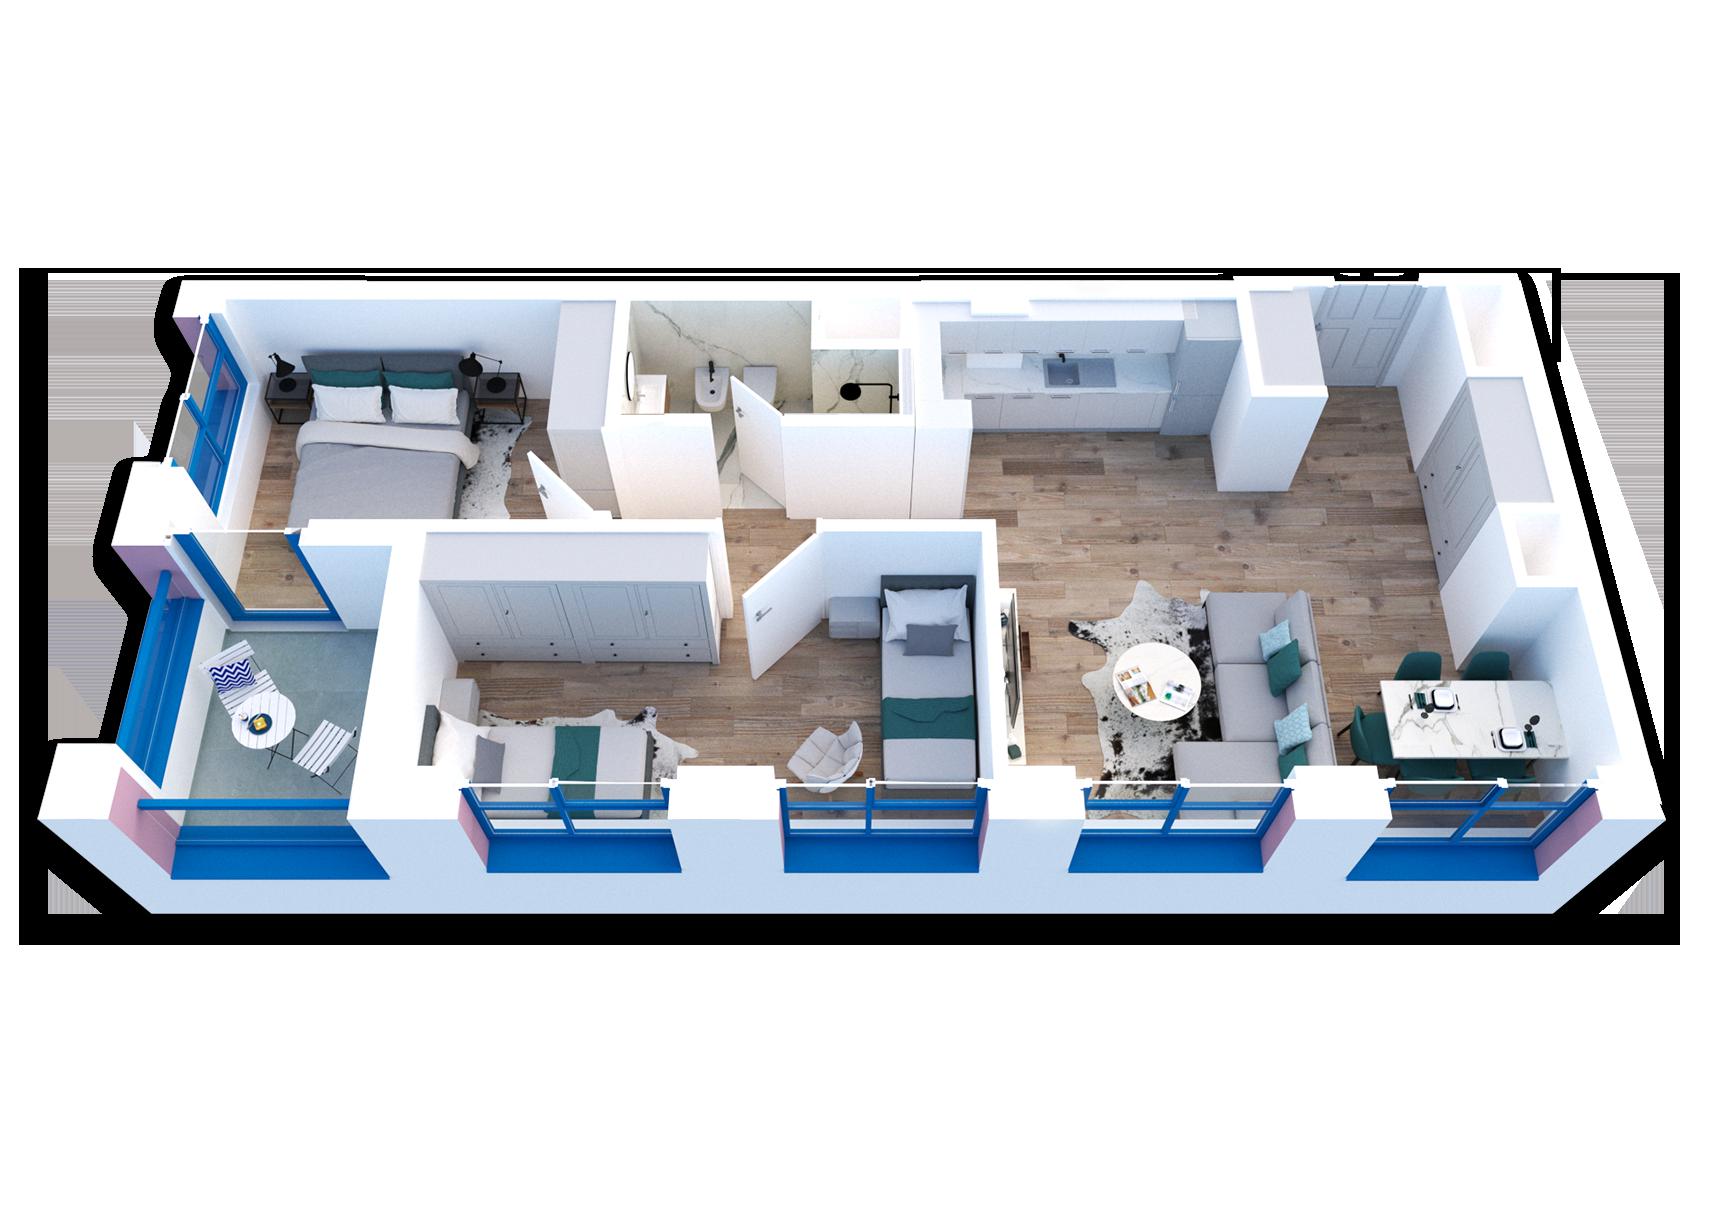 Apartament 2+1 në shitje në Tiranë - Mangalem 21 Shkalla 22 Kati 7